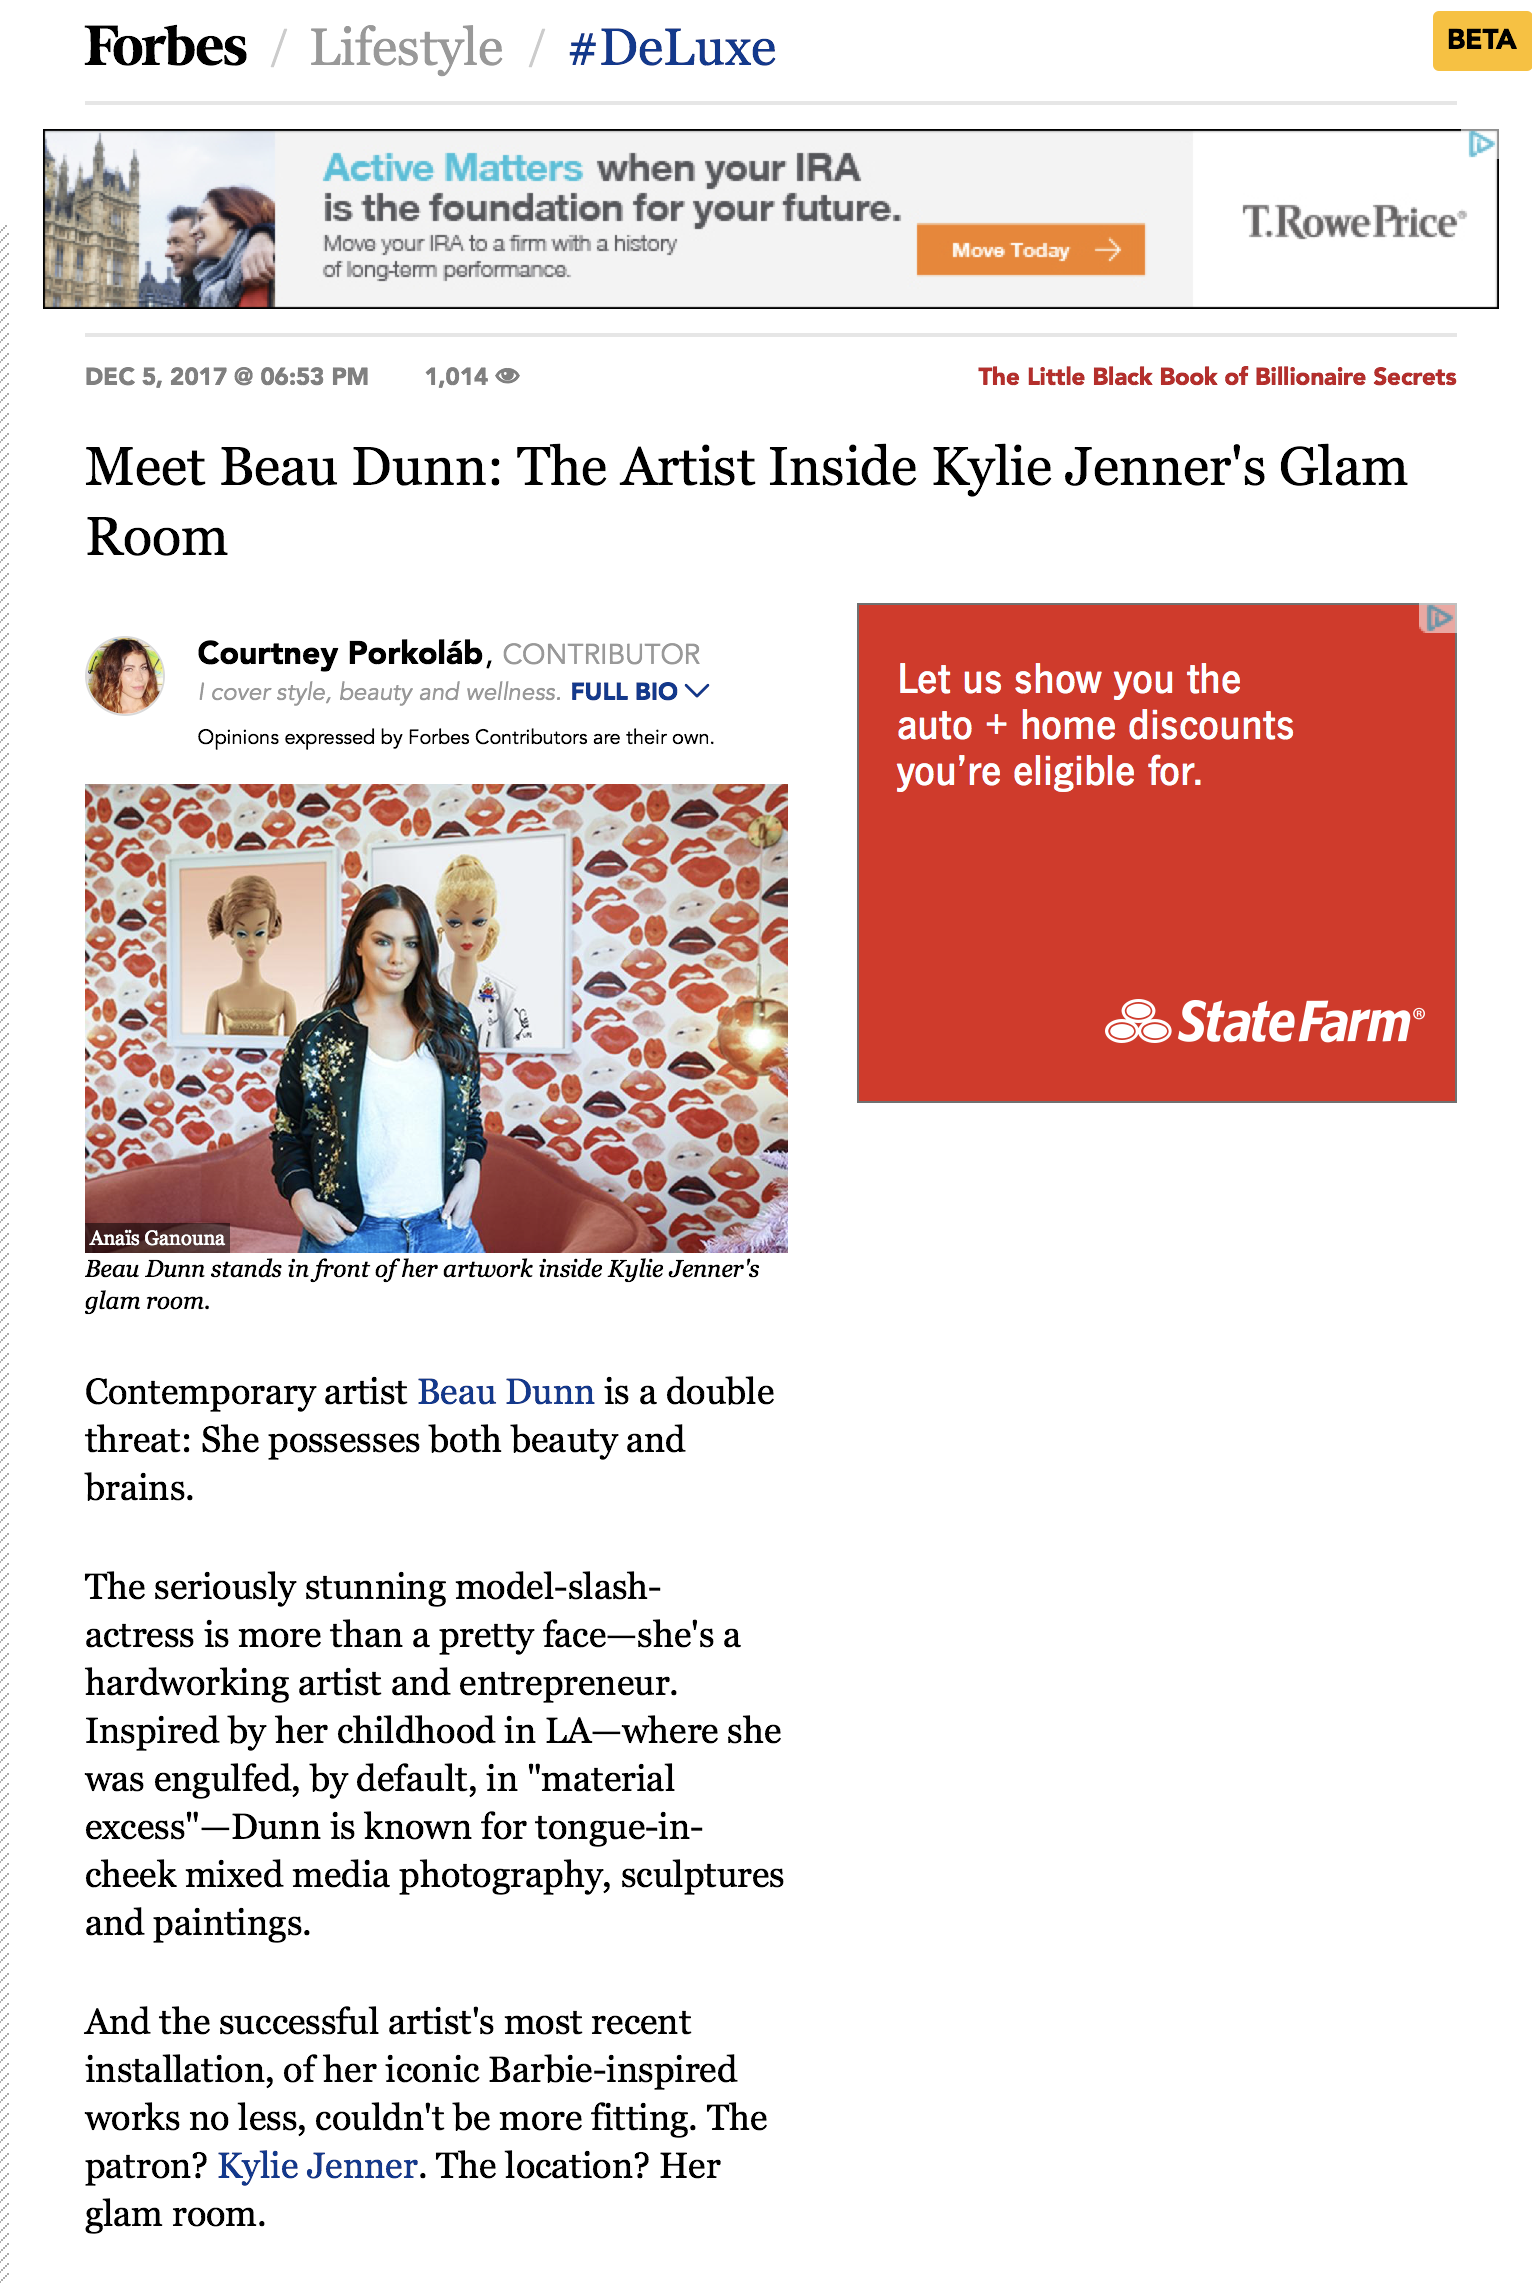 Meet Beau Dunn-The Artist Inside Kylie Jenner's Glam Room (2017-12-06 10-48-12).png